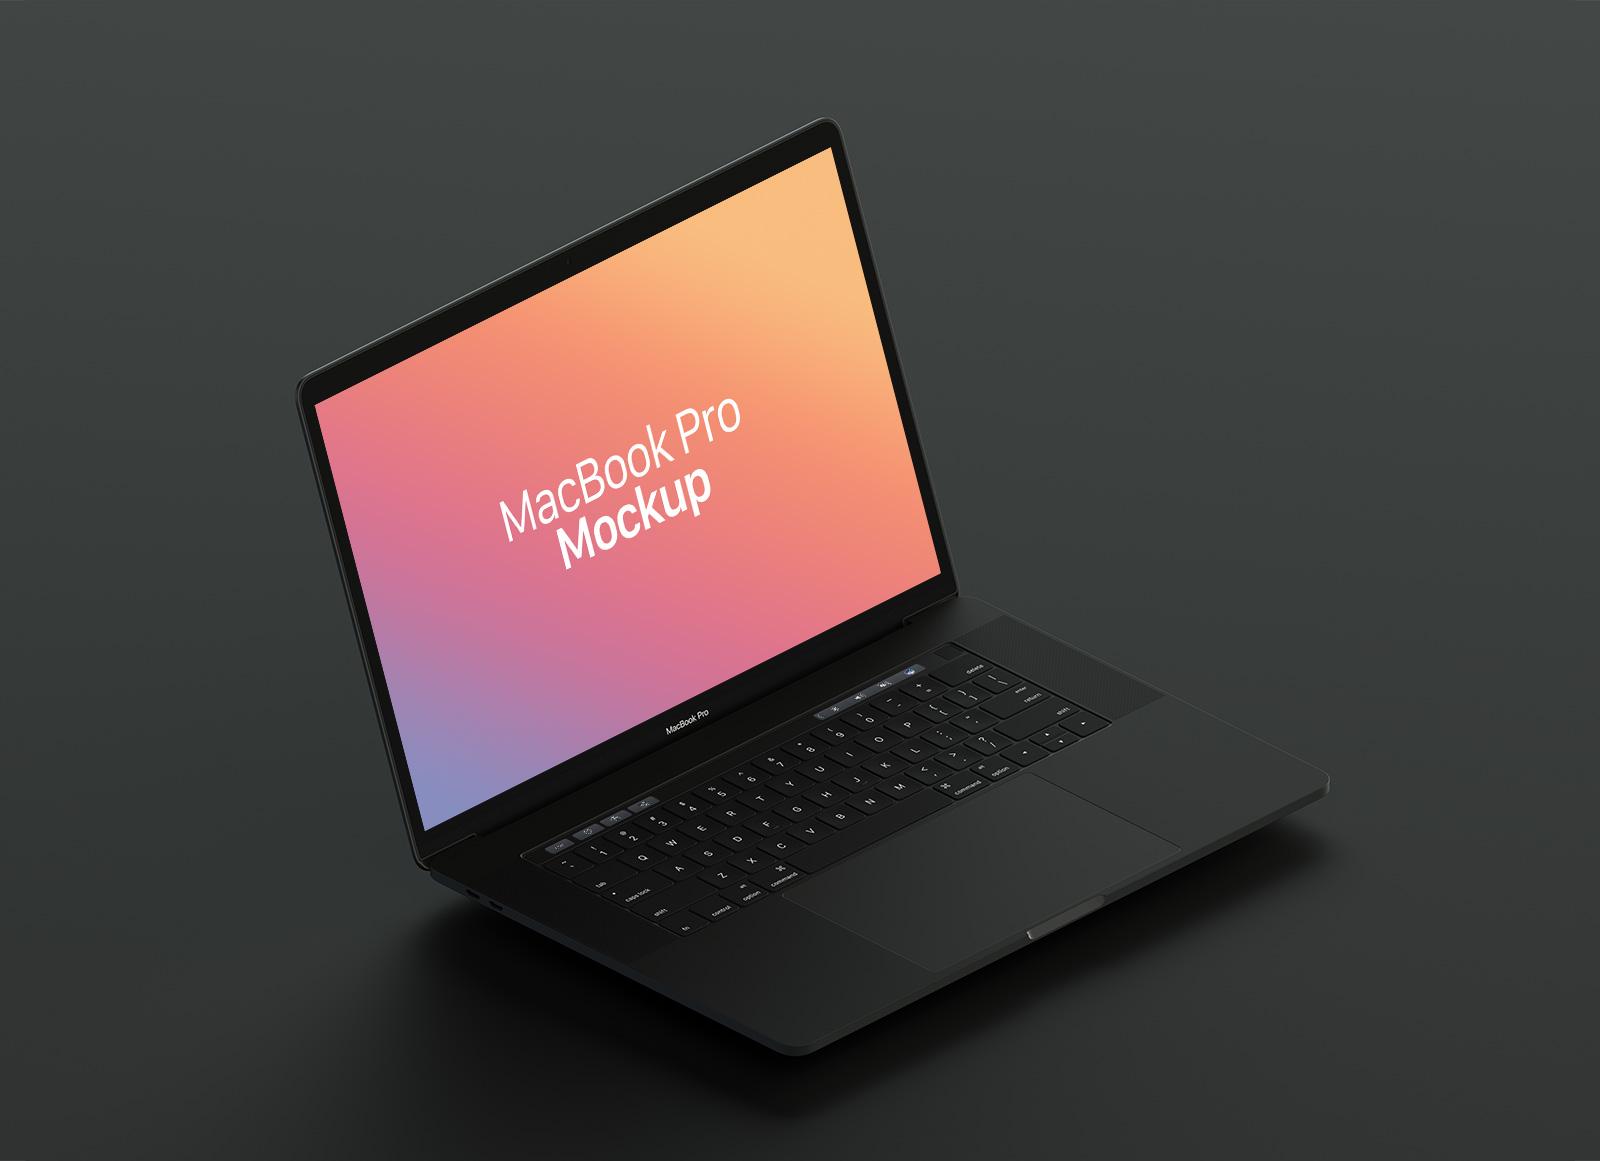 Free-Matt-Black-MacBook-Pro-Mockup-PSD